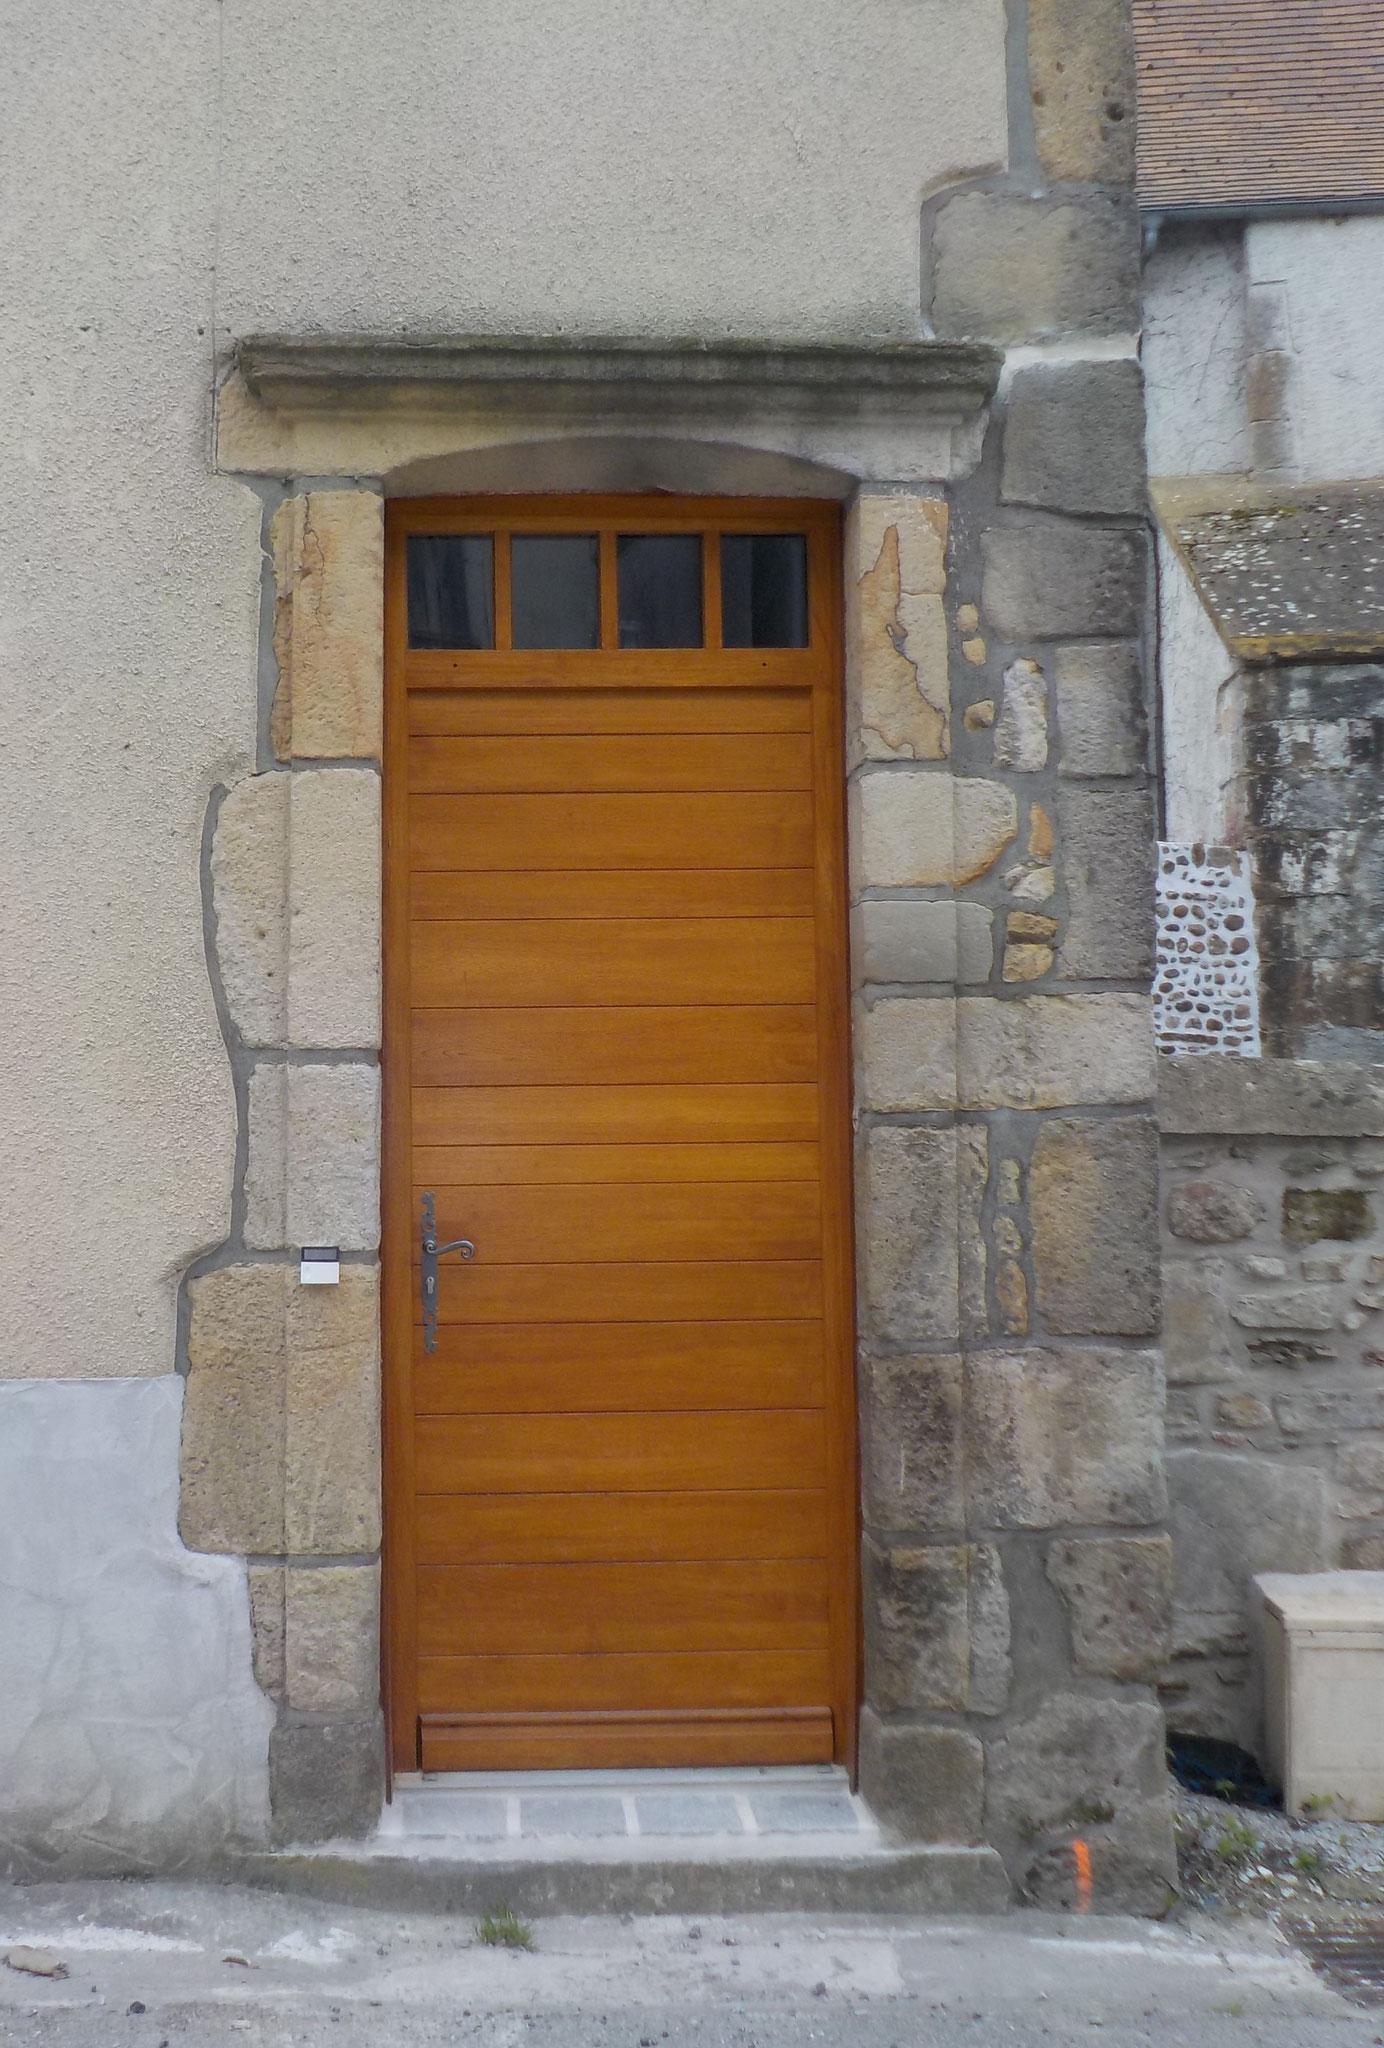 la nouvelle porte d'entrée du logement